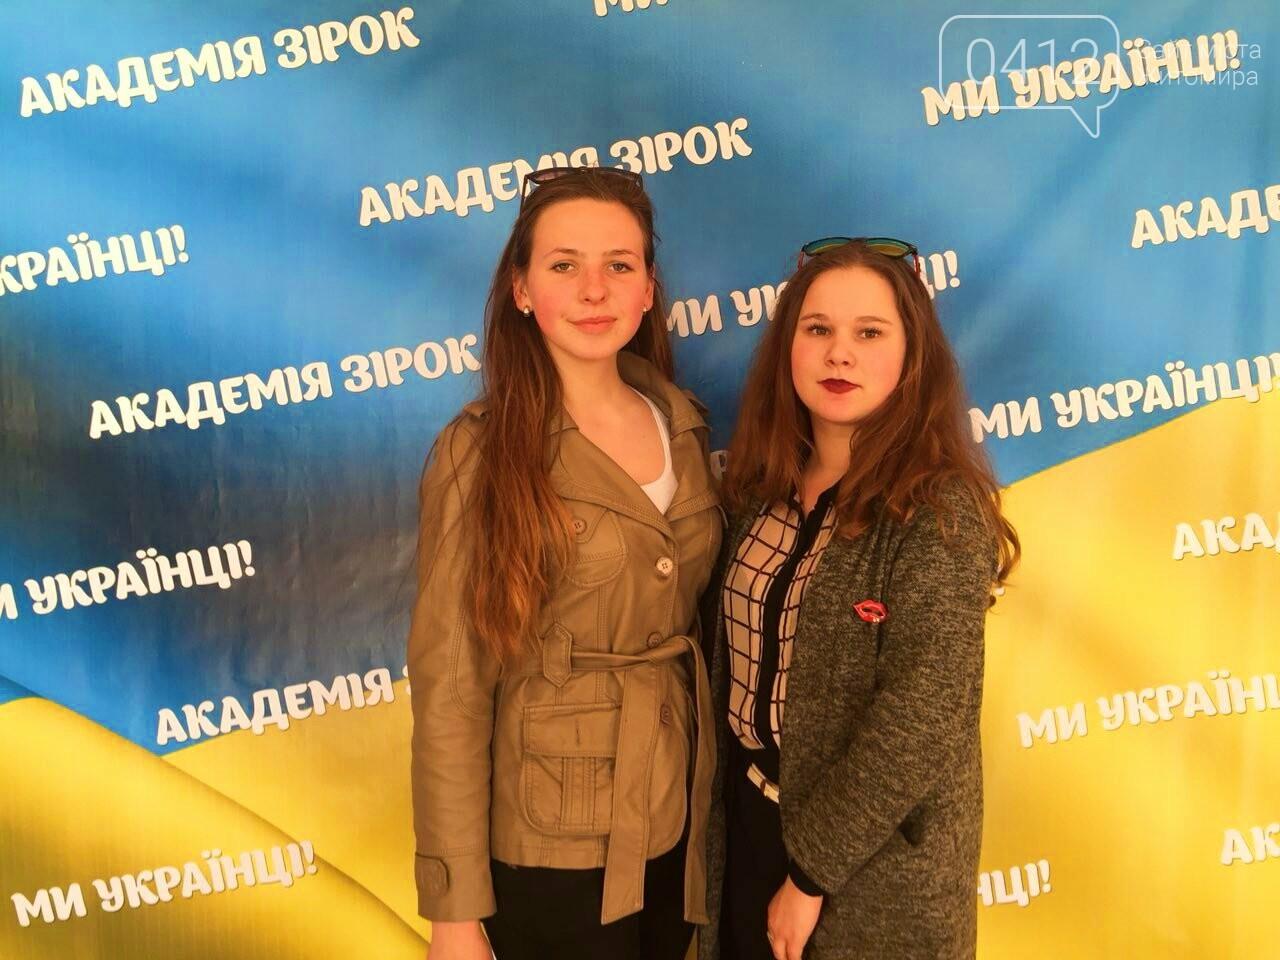 """У Житомирі провели щорічну молодіжну патріотично-мистецьку акцію """"Я люблю Україну свою-2018"""", фото-27"""